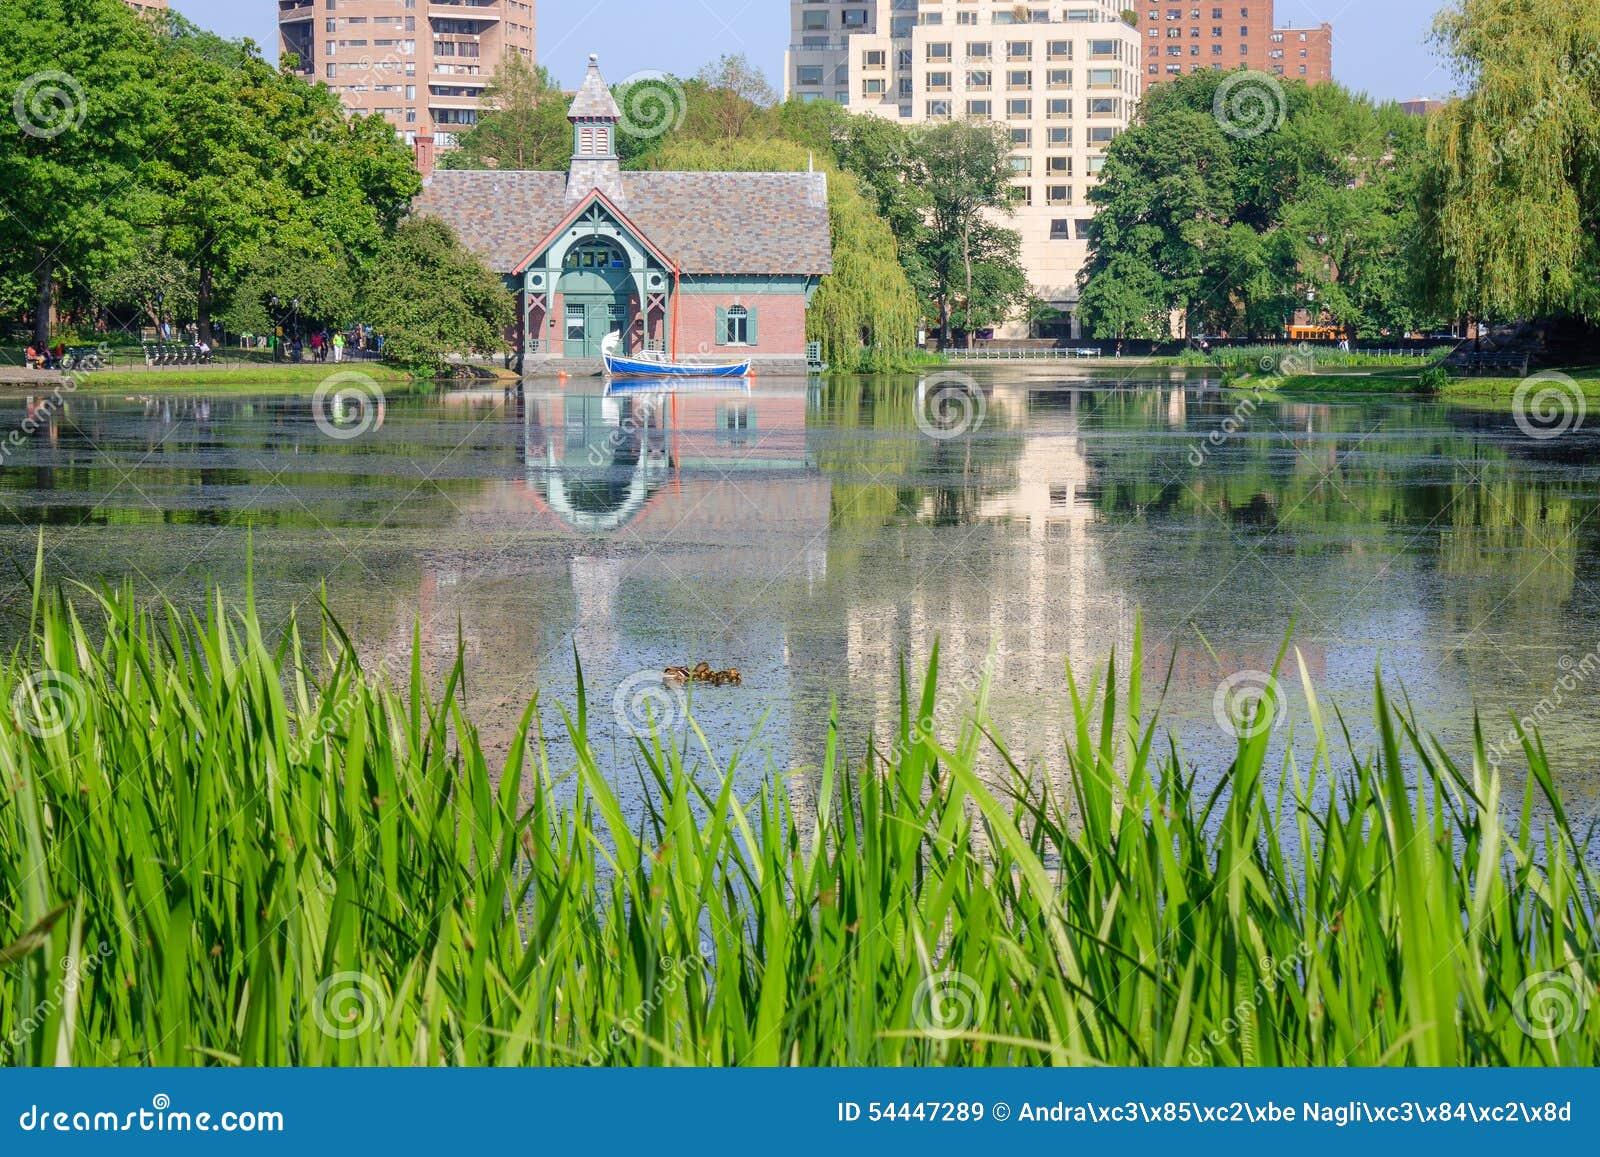 Centro da descoberta de Charles A Dana Discovery Center - Central Park, New York City